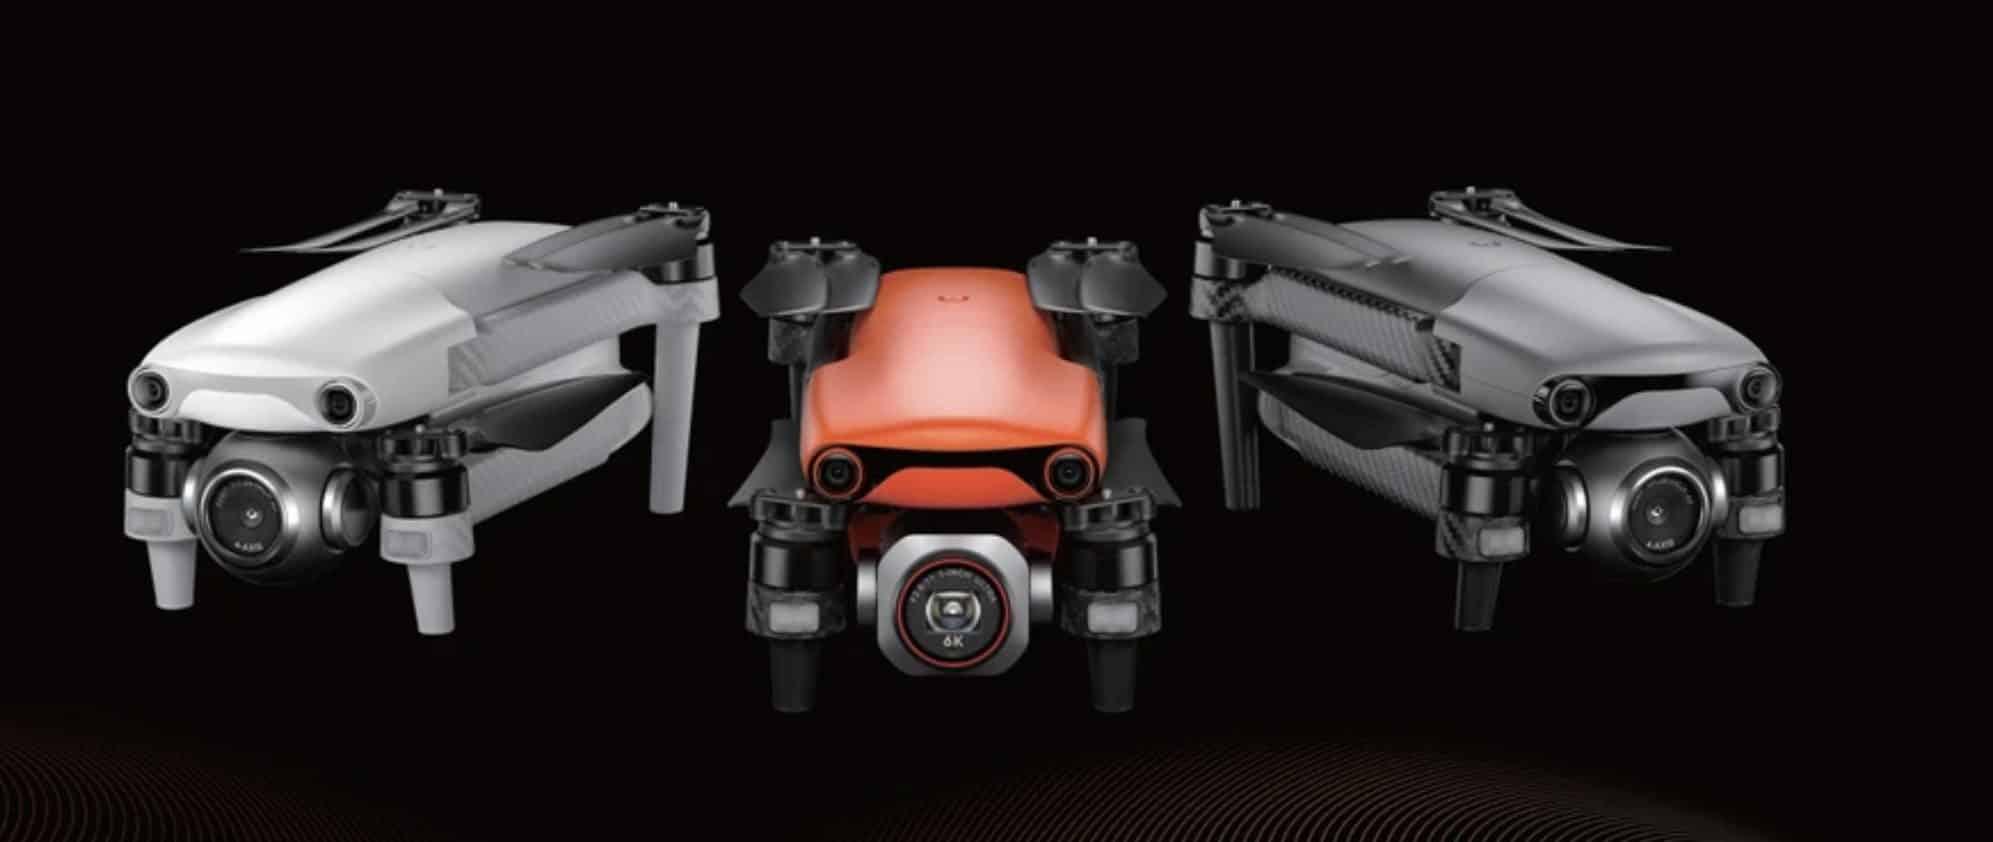 Autel officially announces the Evo Nano series and Evo Lite drones